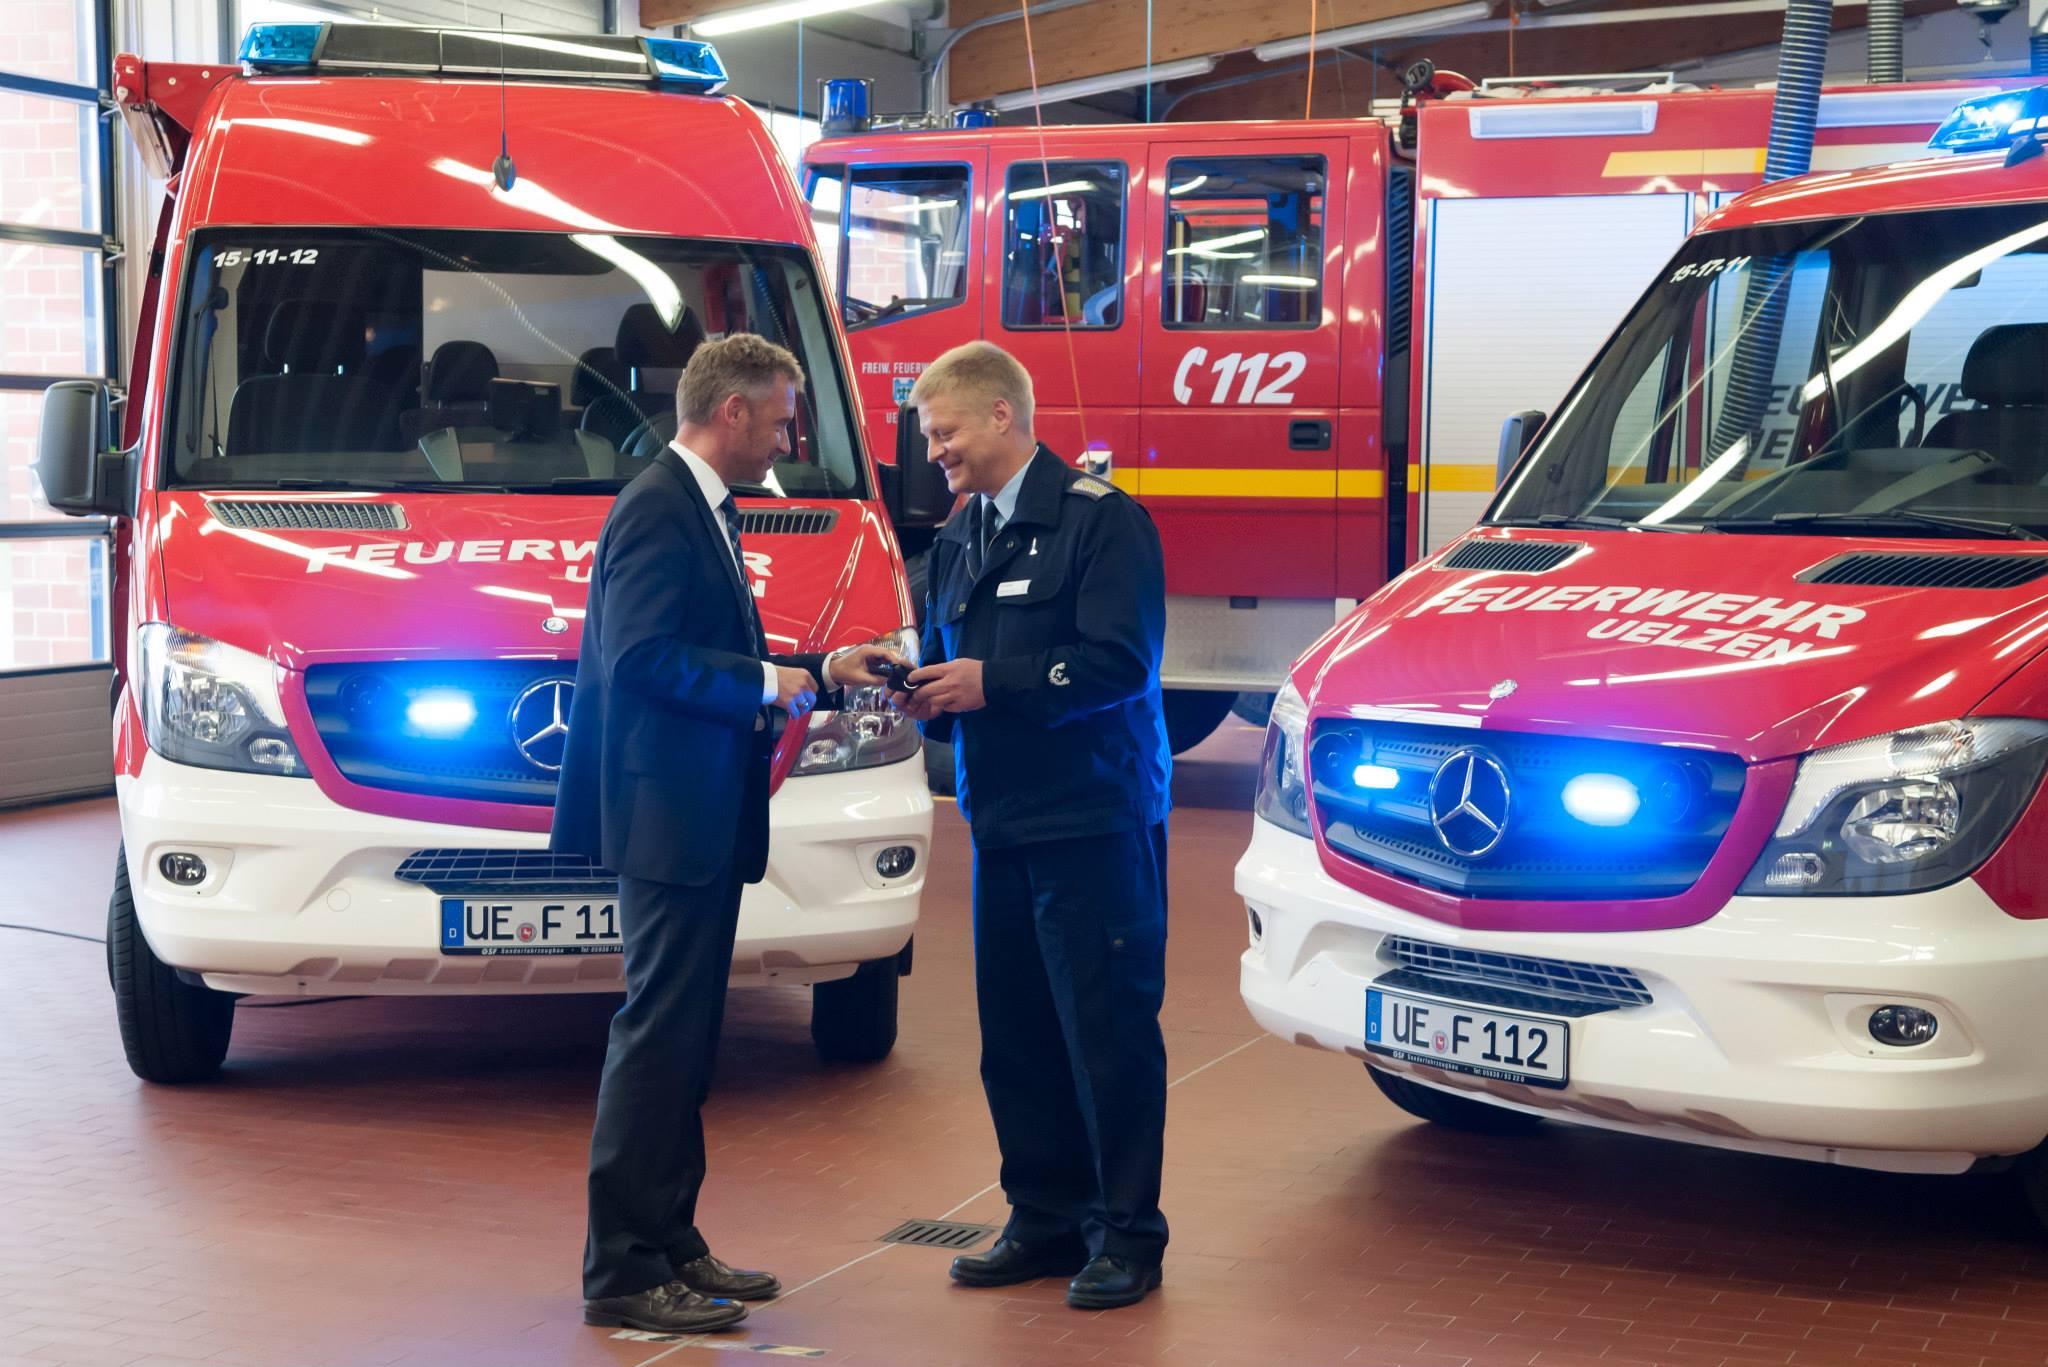 Zwei Sterne bei der Feuerwehr Uelzen